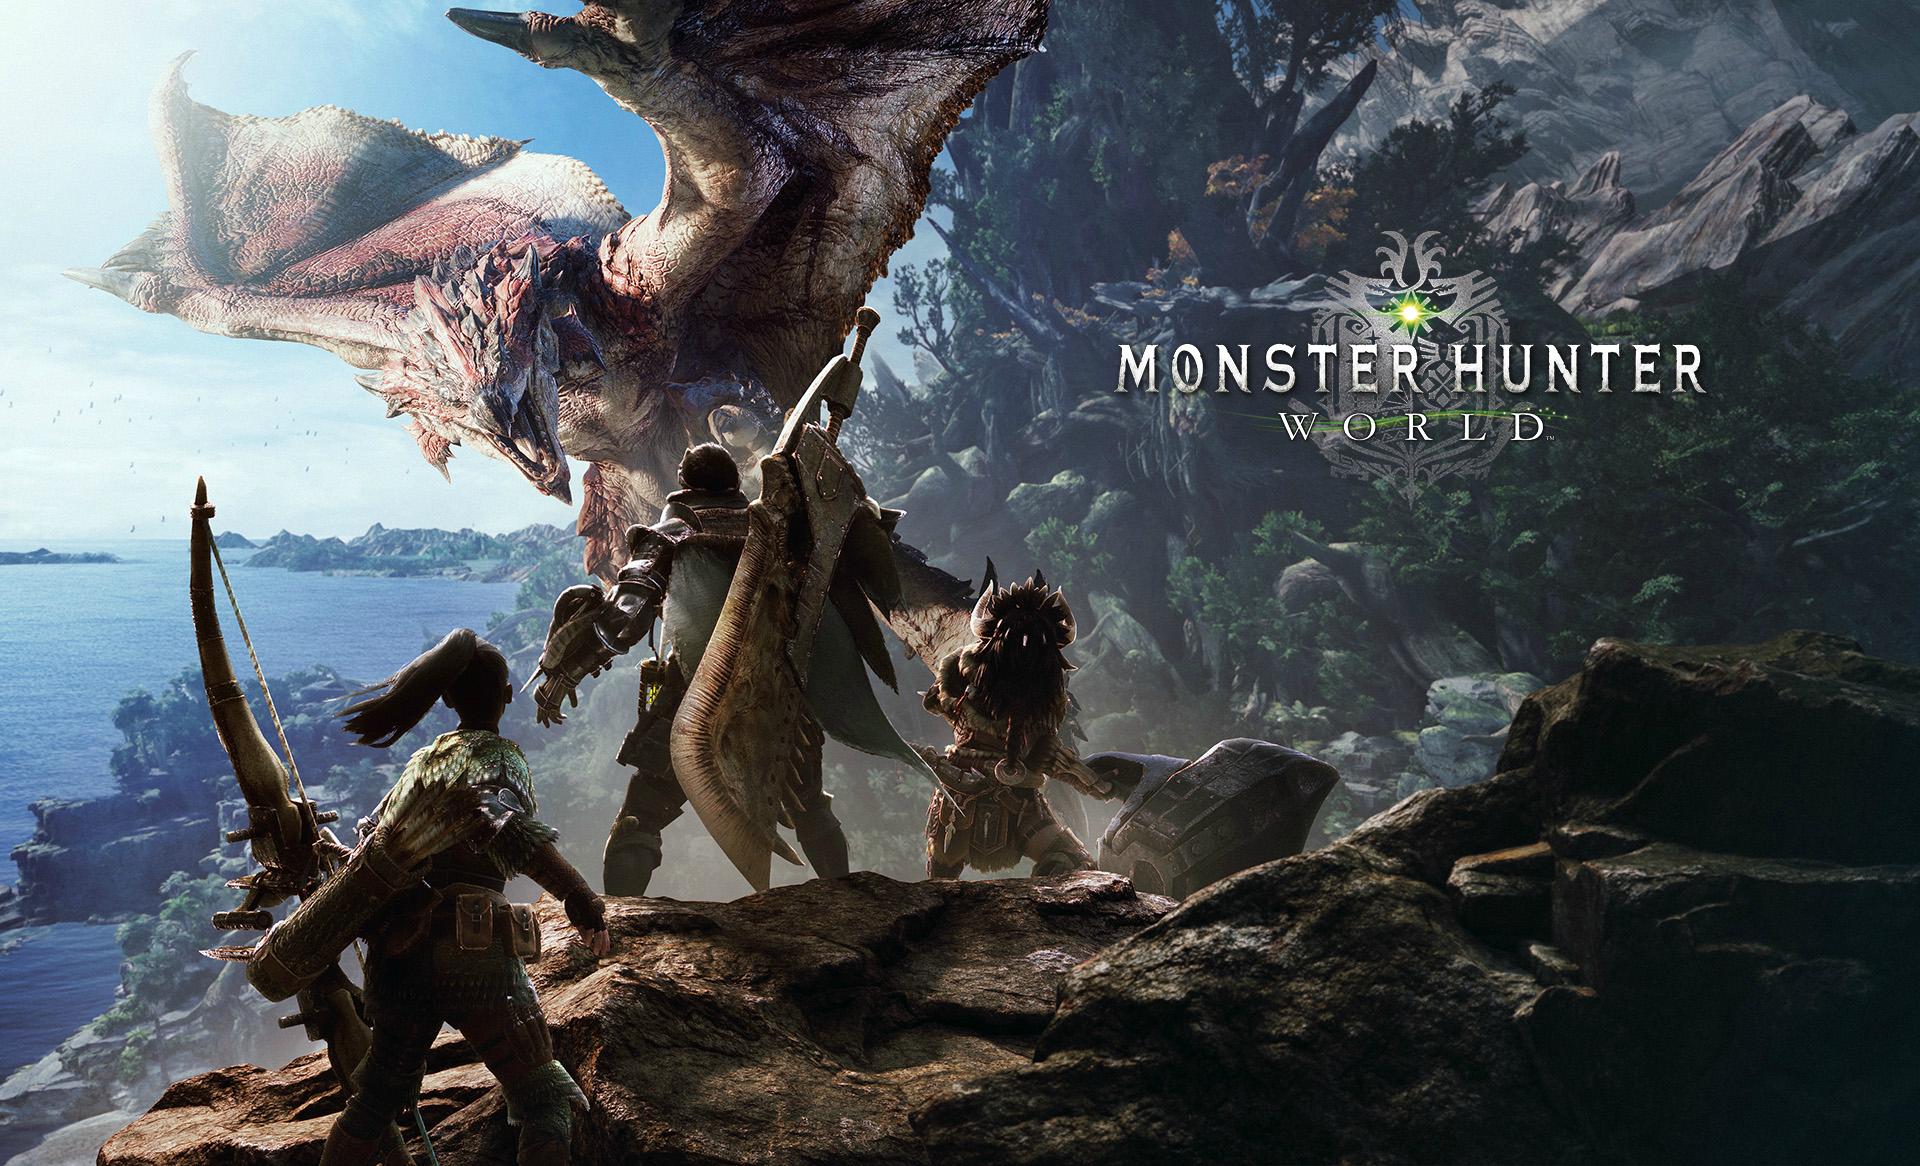 monster-hunter-world-wallpaper-zuu-04